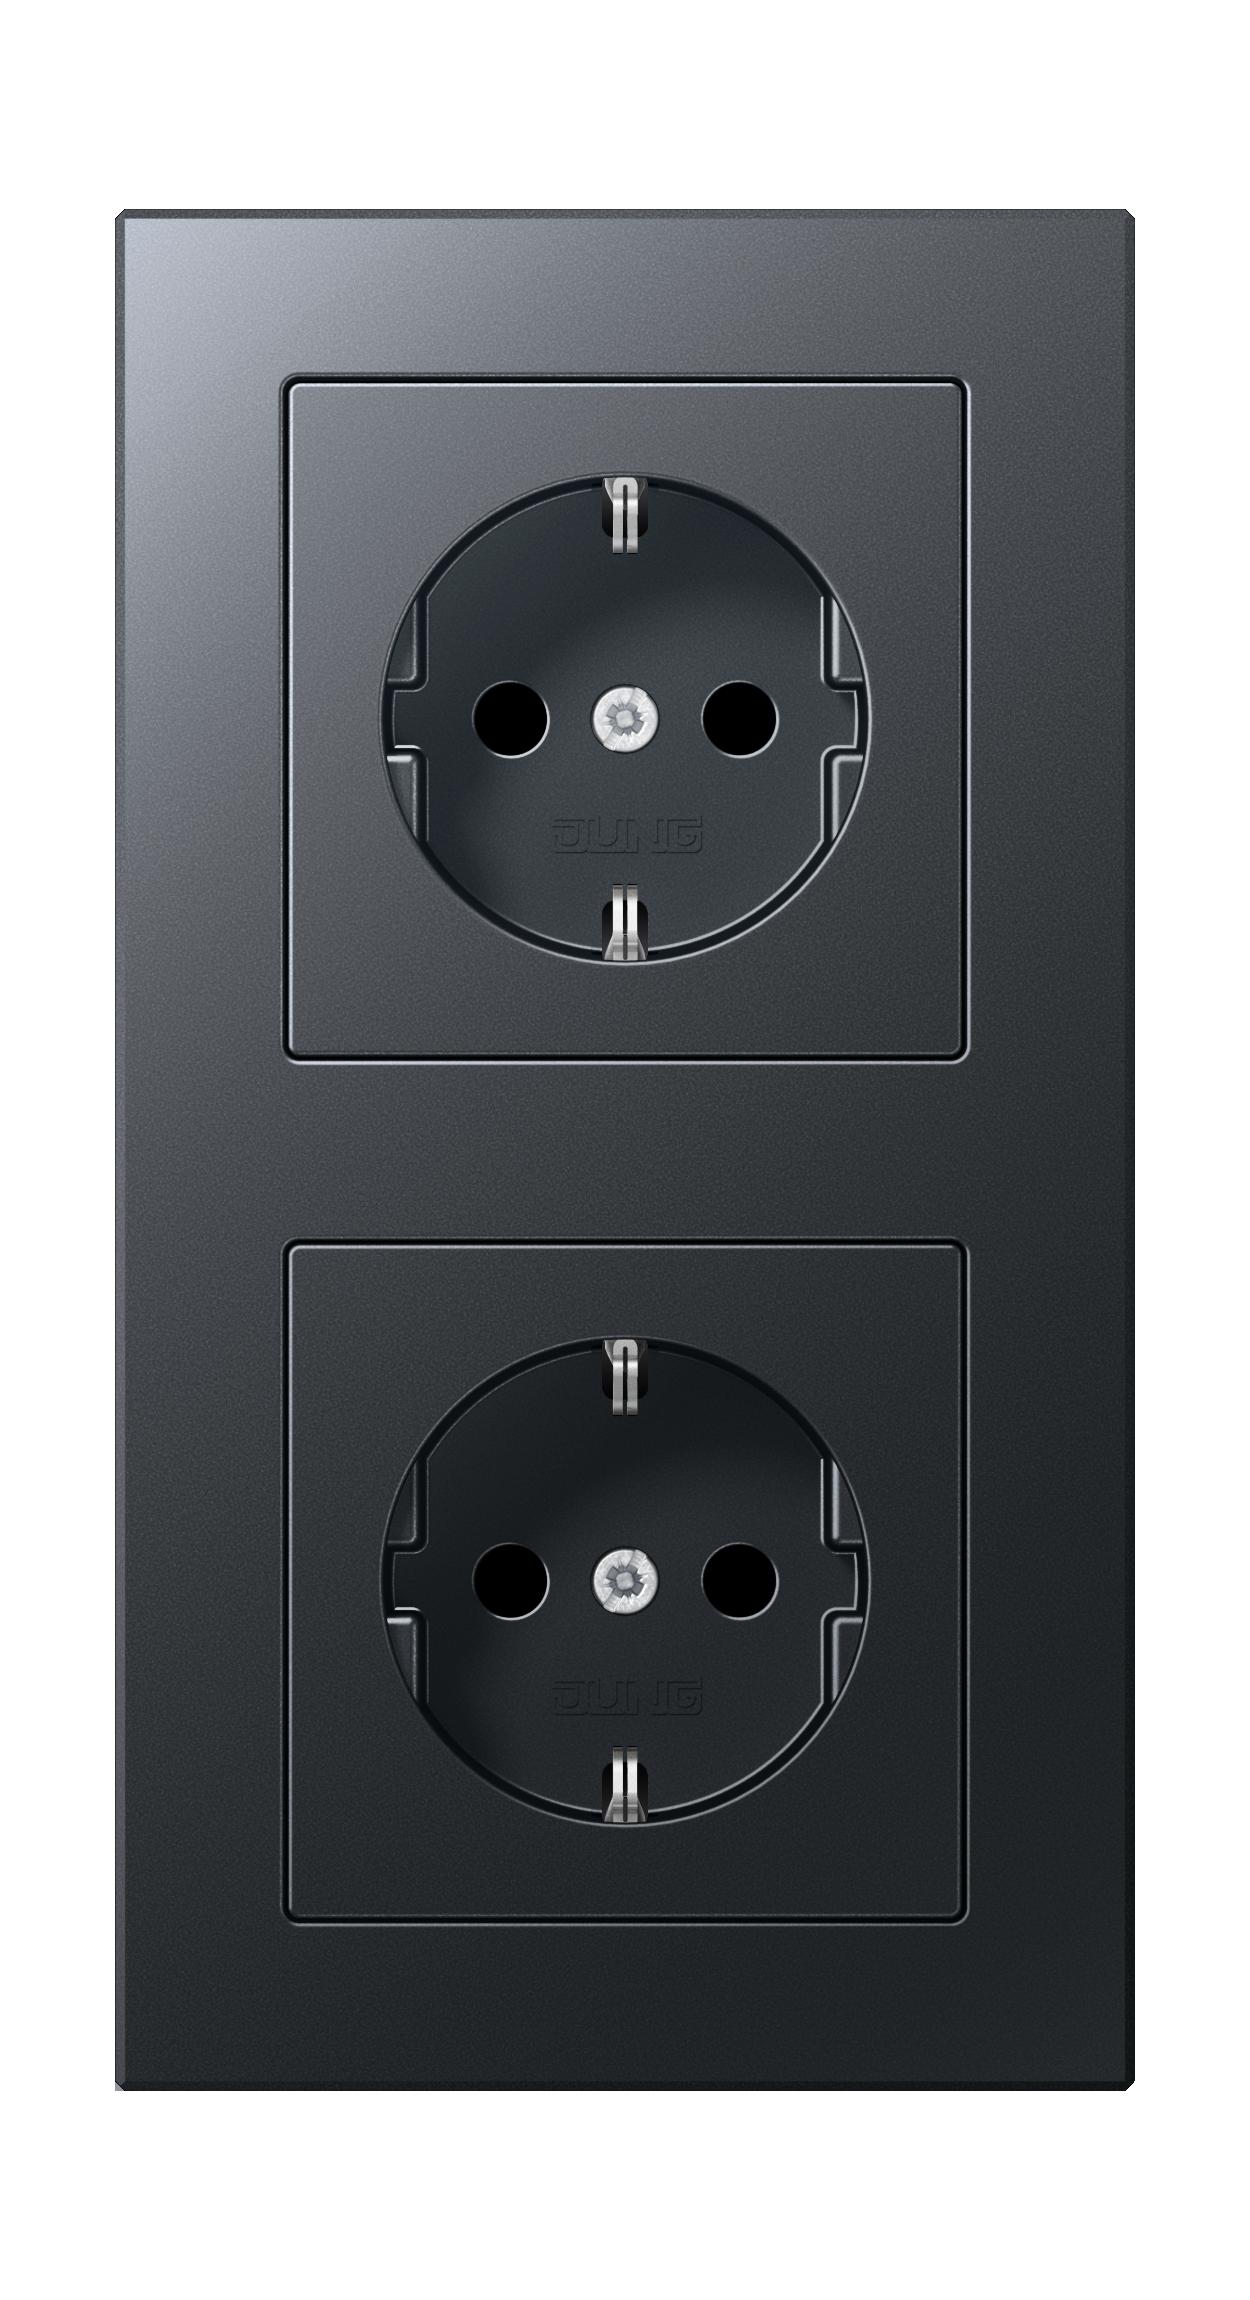 JUNG_AC_anthracite_socket-socket